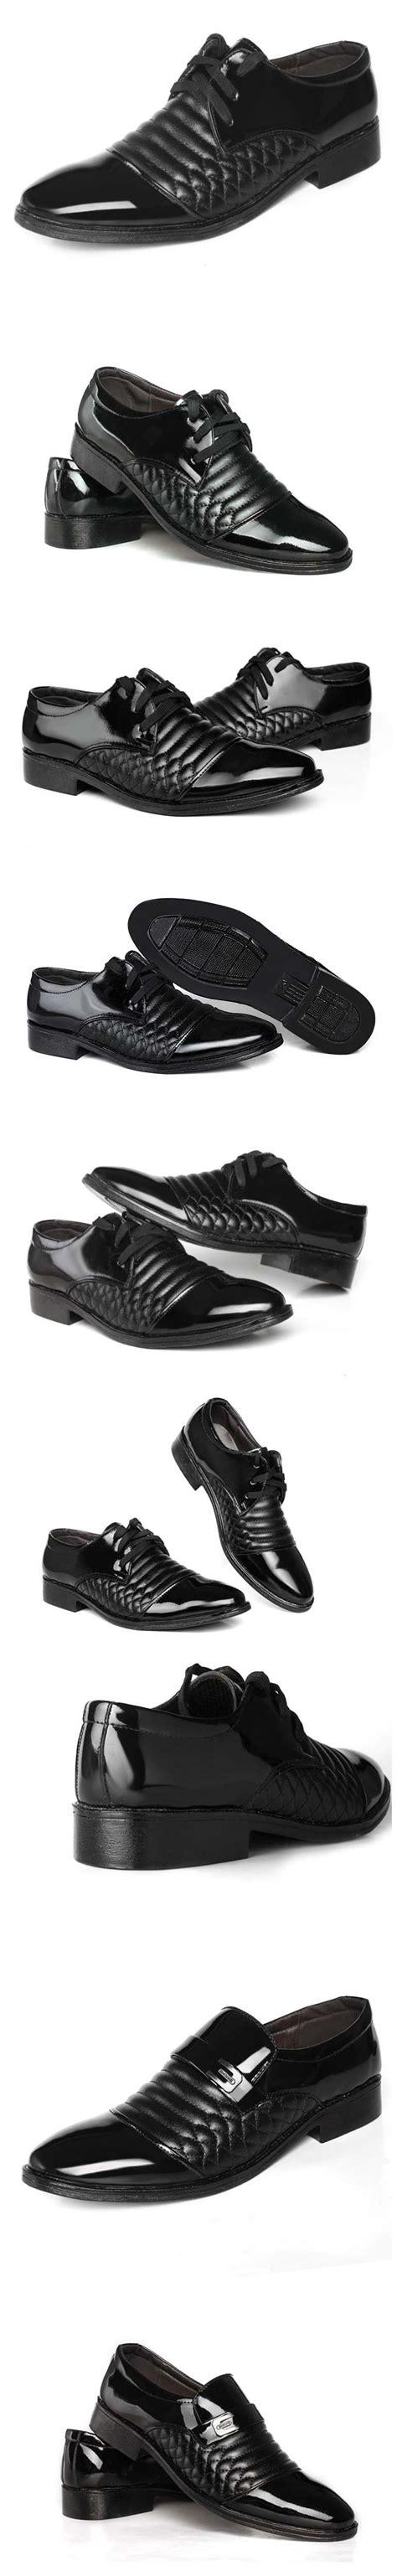 Pantofel Pria Cocok Untuk Kerjapesta jual sepatu pantofel kulit pria